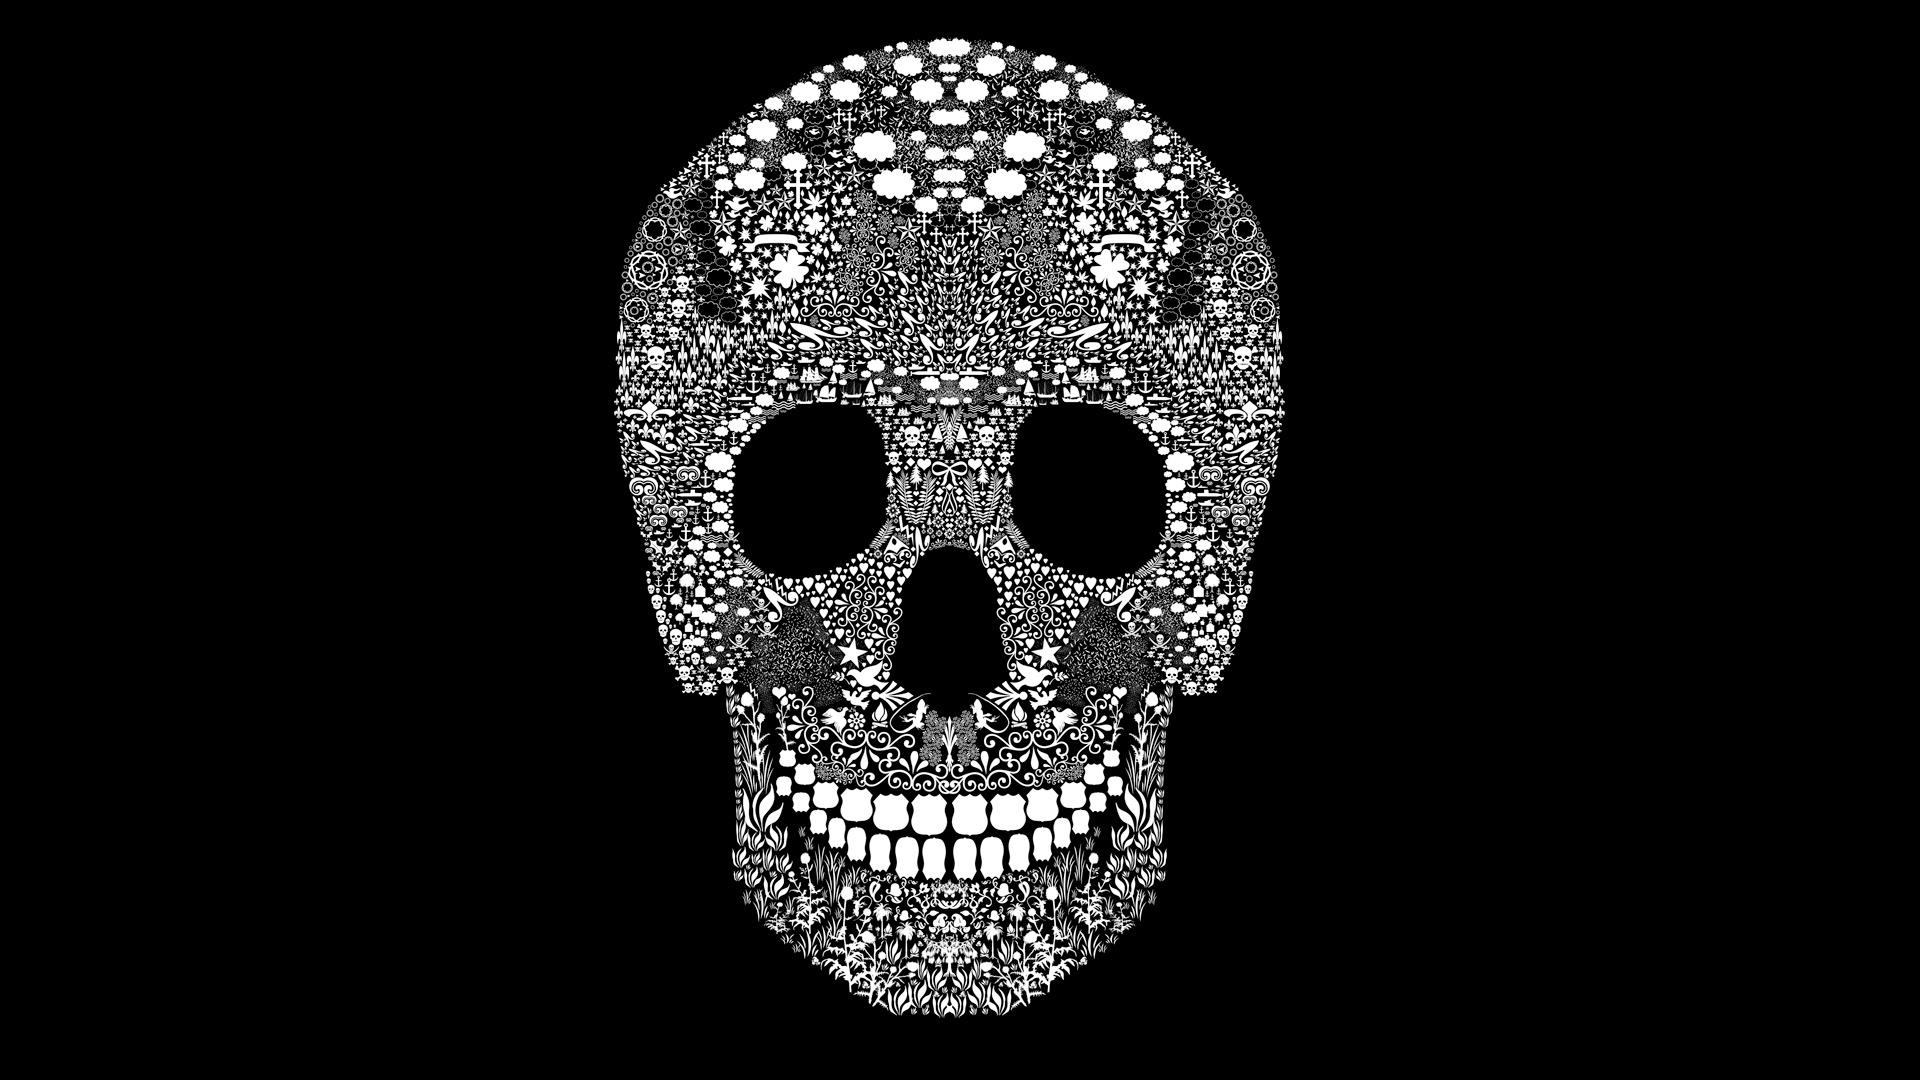 Free Download Sugar Skull Wallpaper Sugar Skull Hd 1920x1080 For